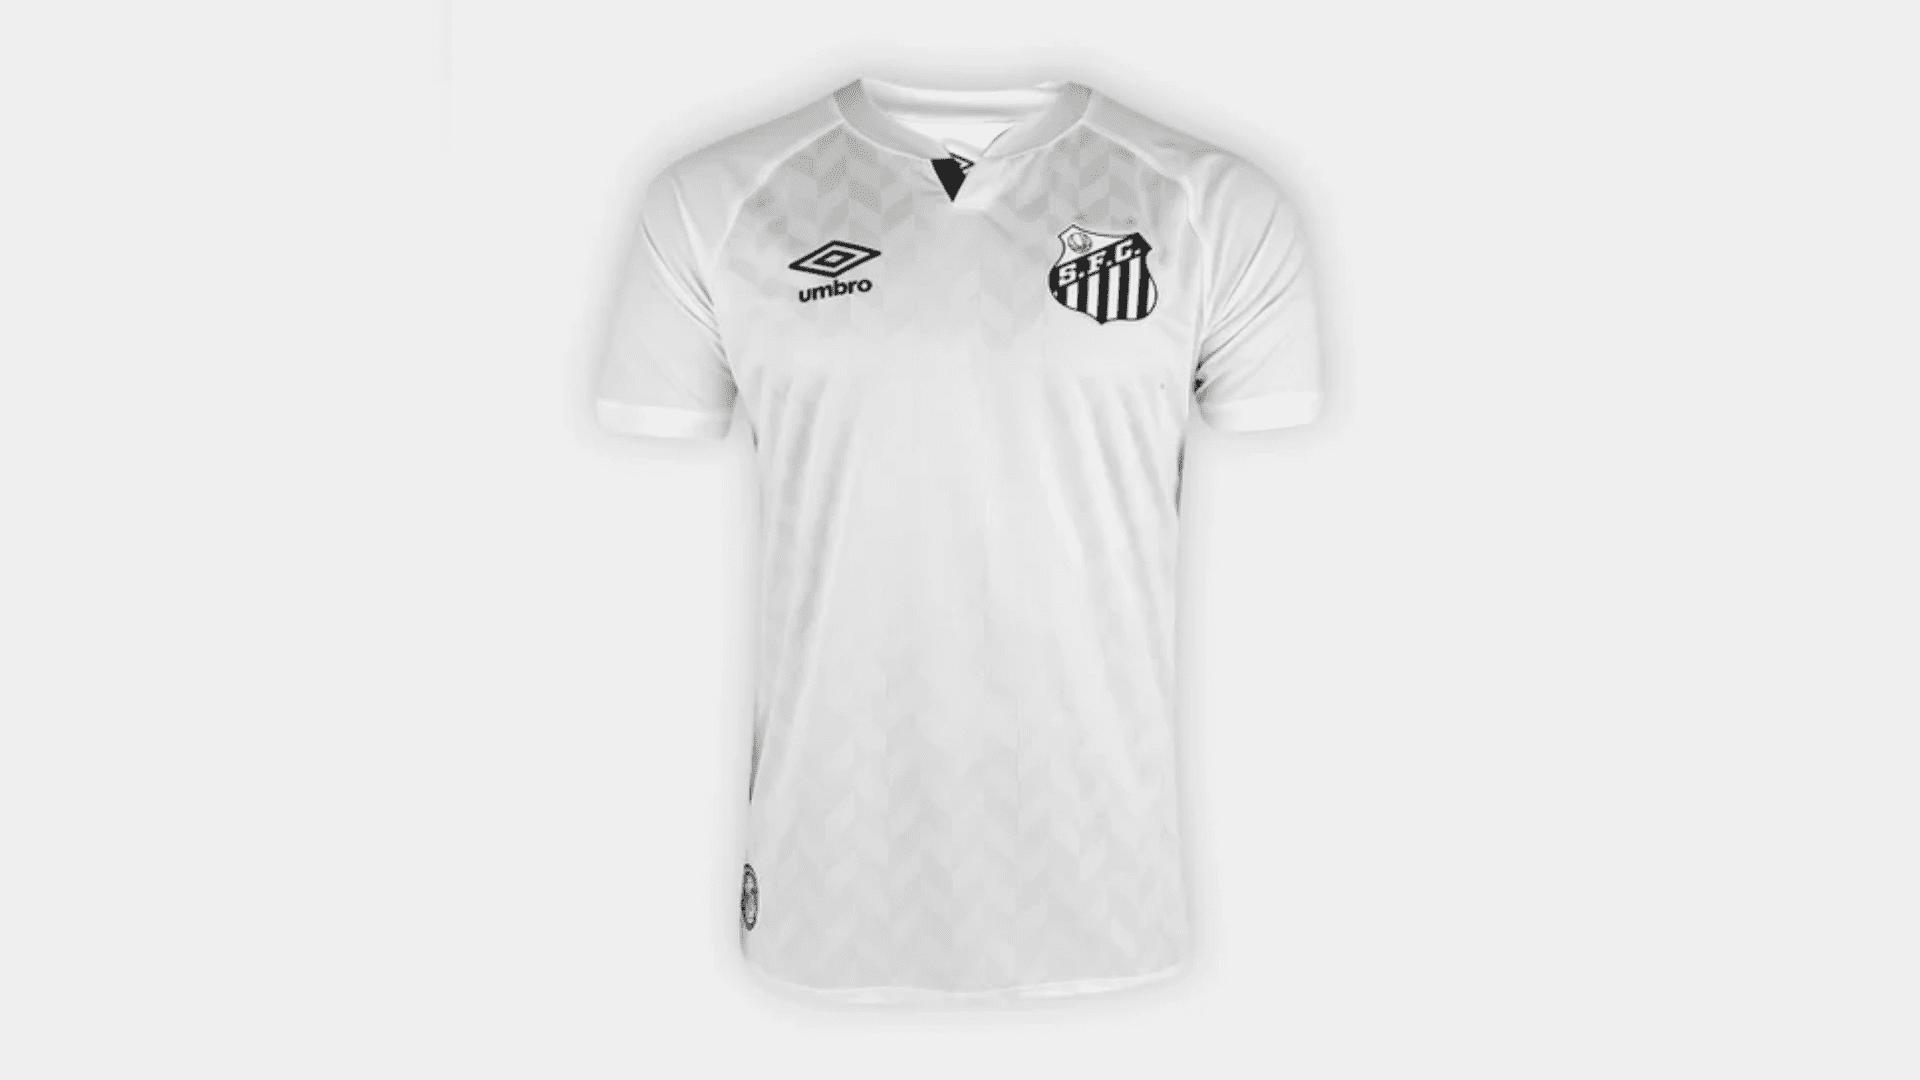 Camisa do Santos 2020 Umbro Jogo 1 (Imagem: Divulgação/Umbro)